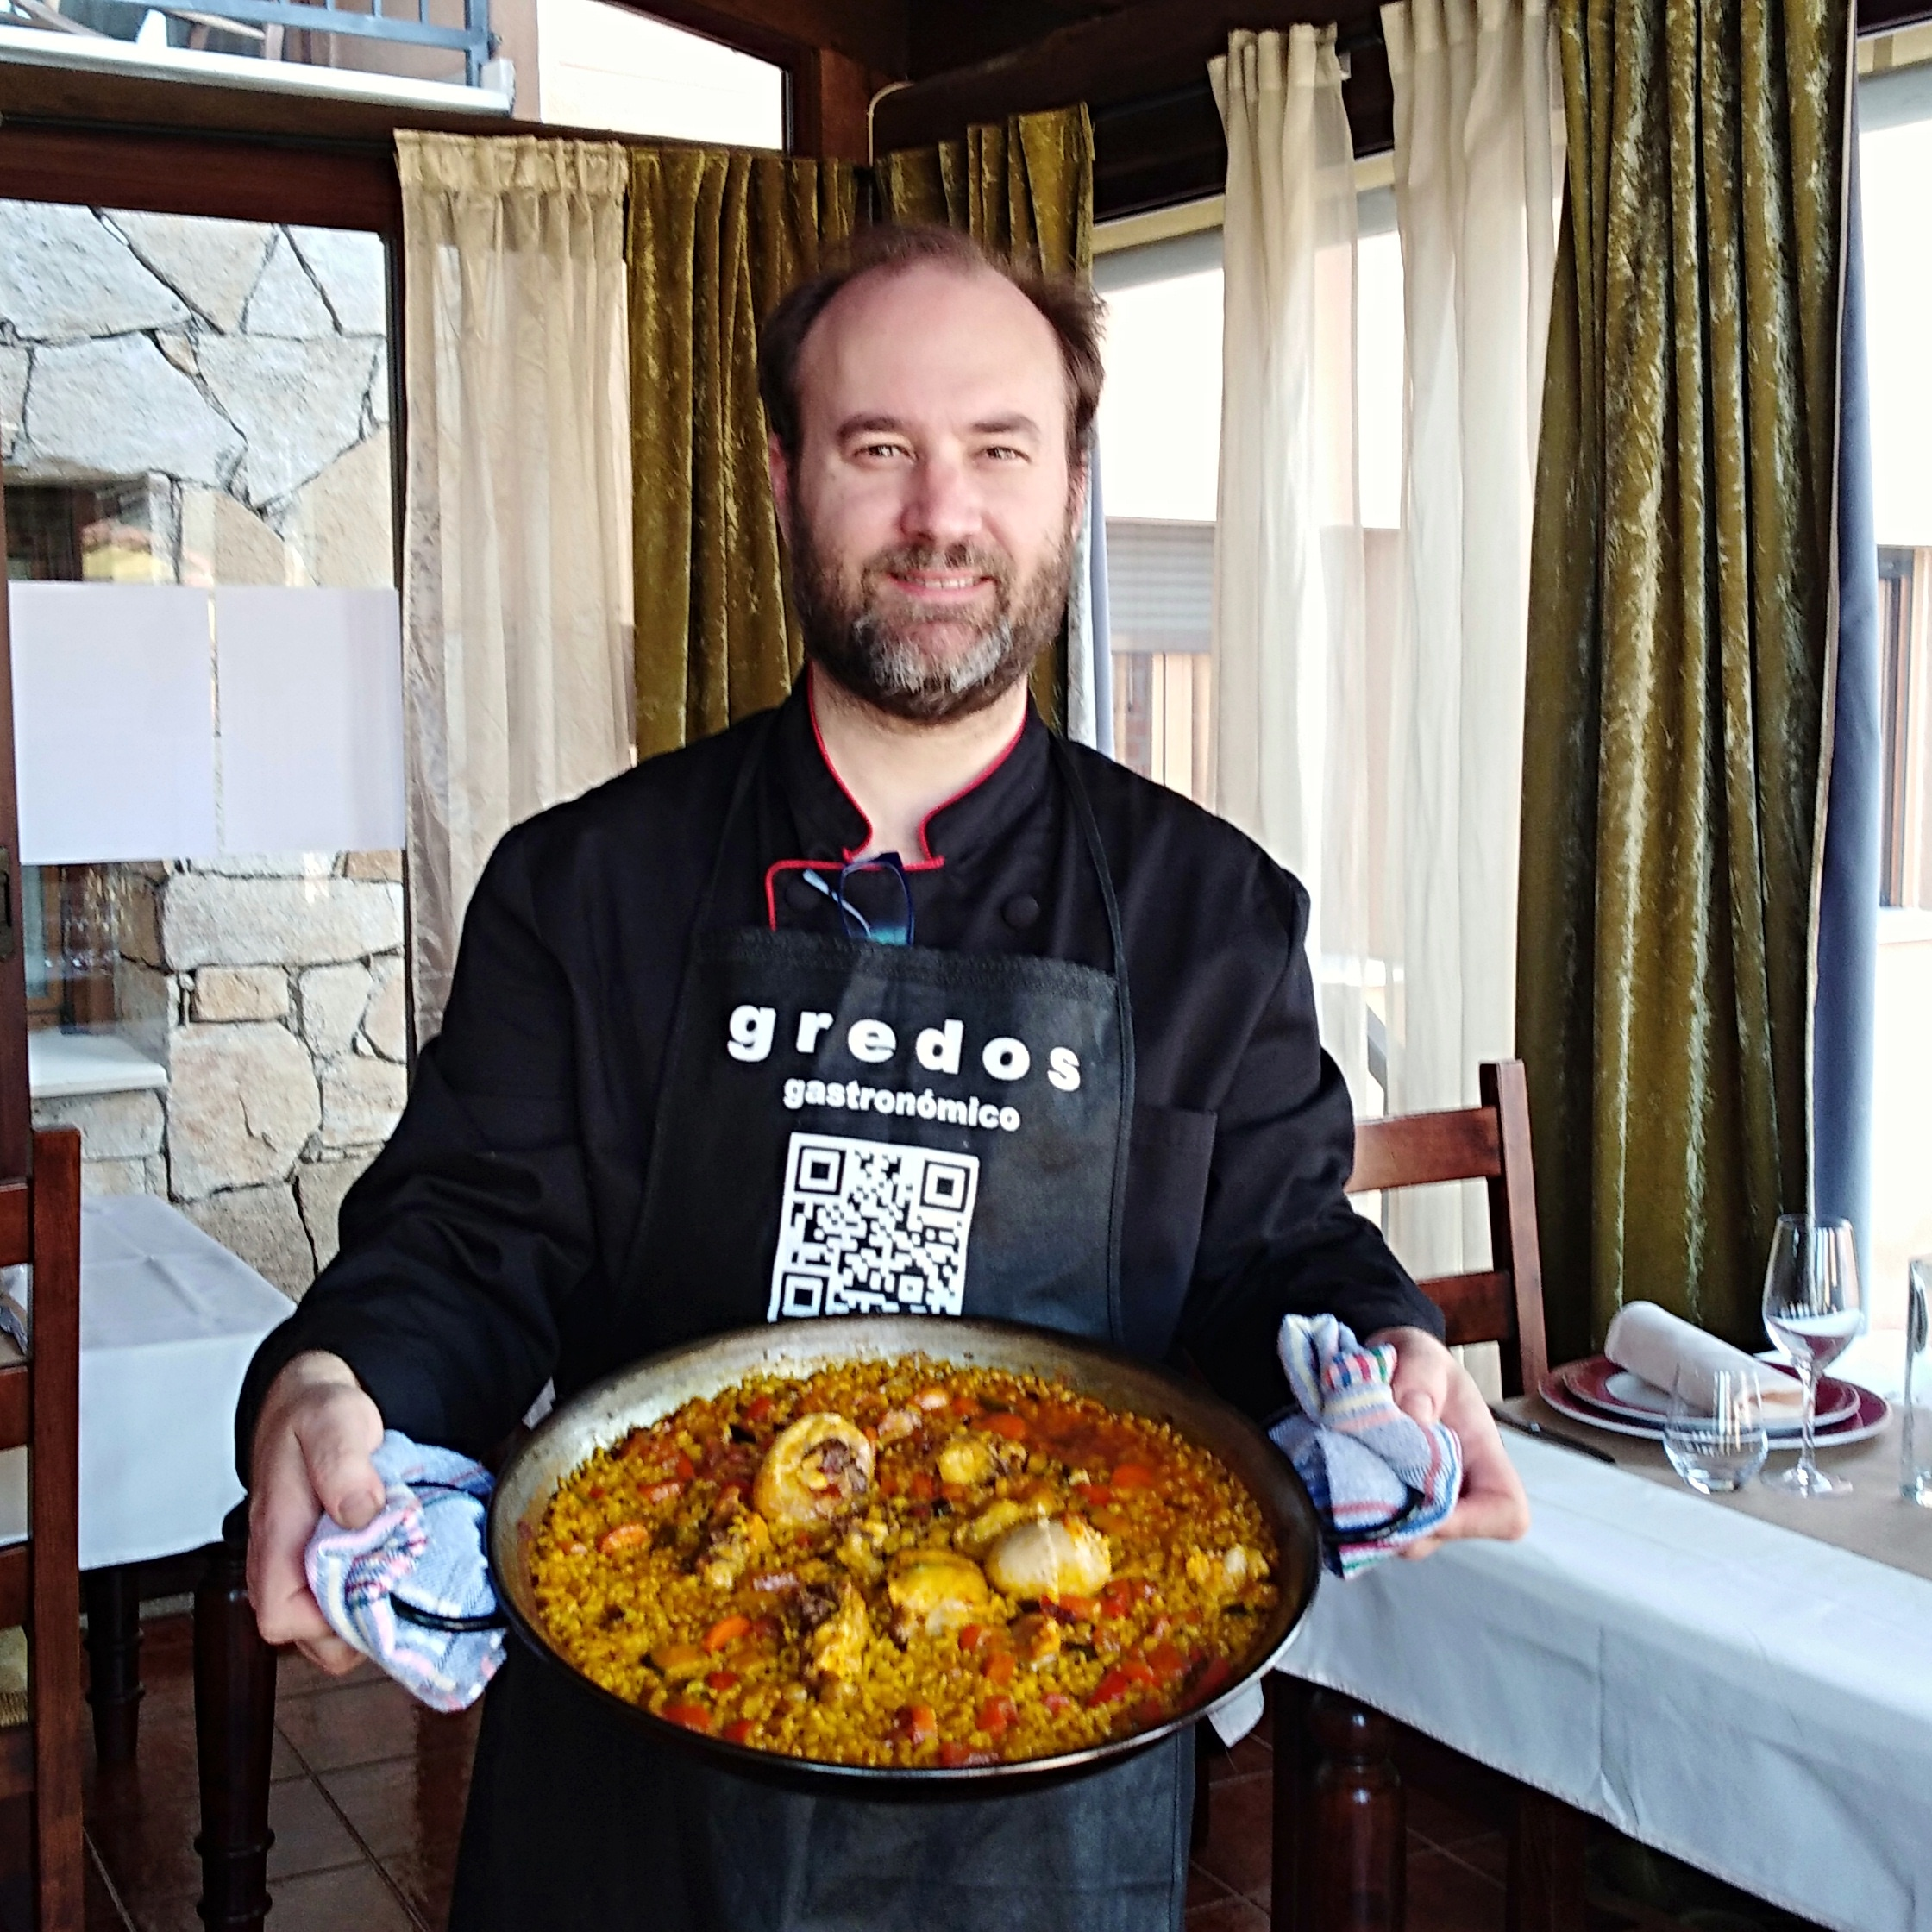 Daniel Pérez cocinando en su restaurante El Yantar de Gredos, en San Martín del Pimpollar.